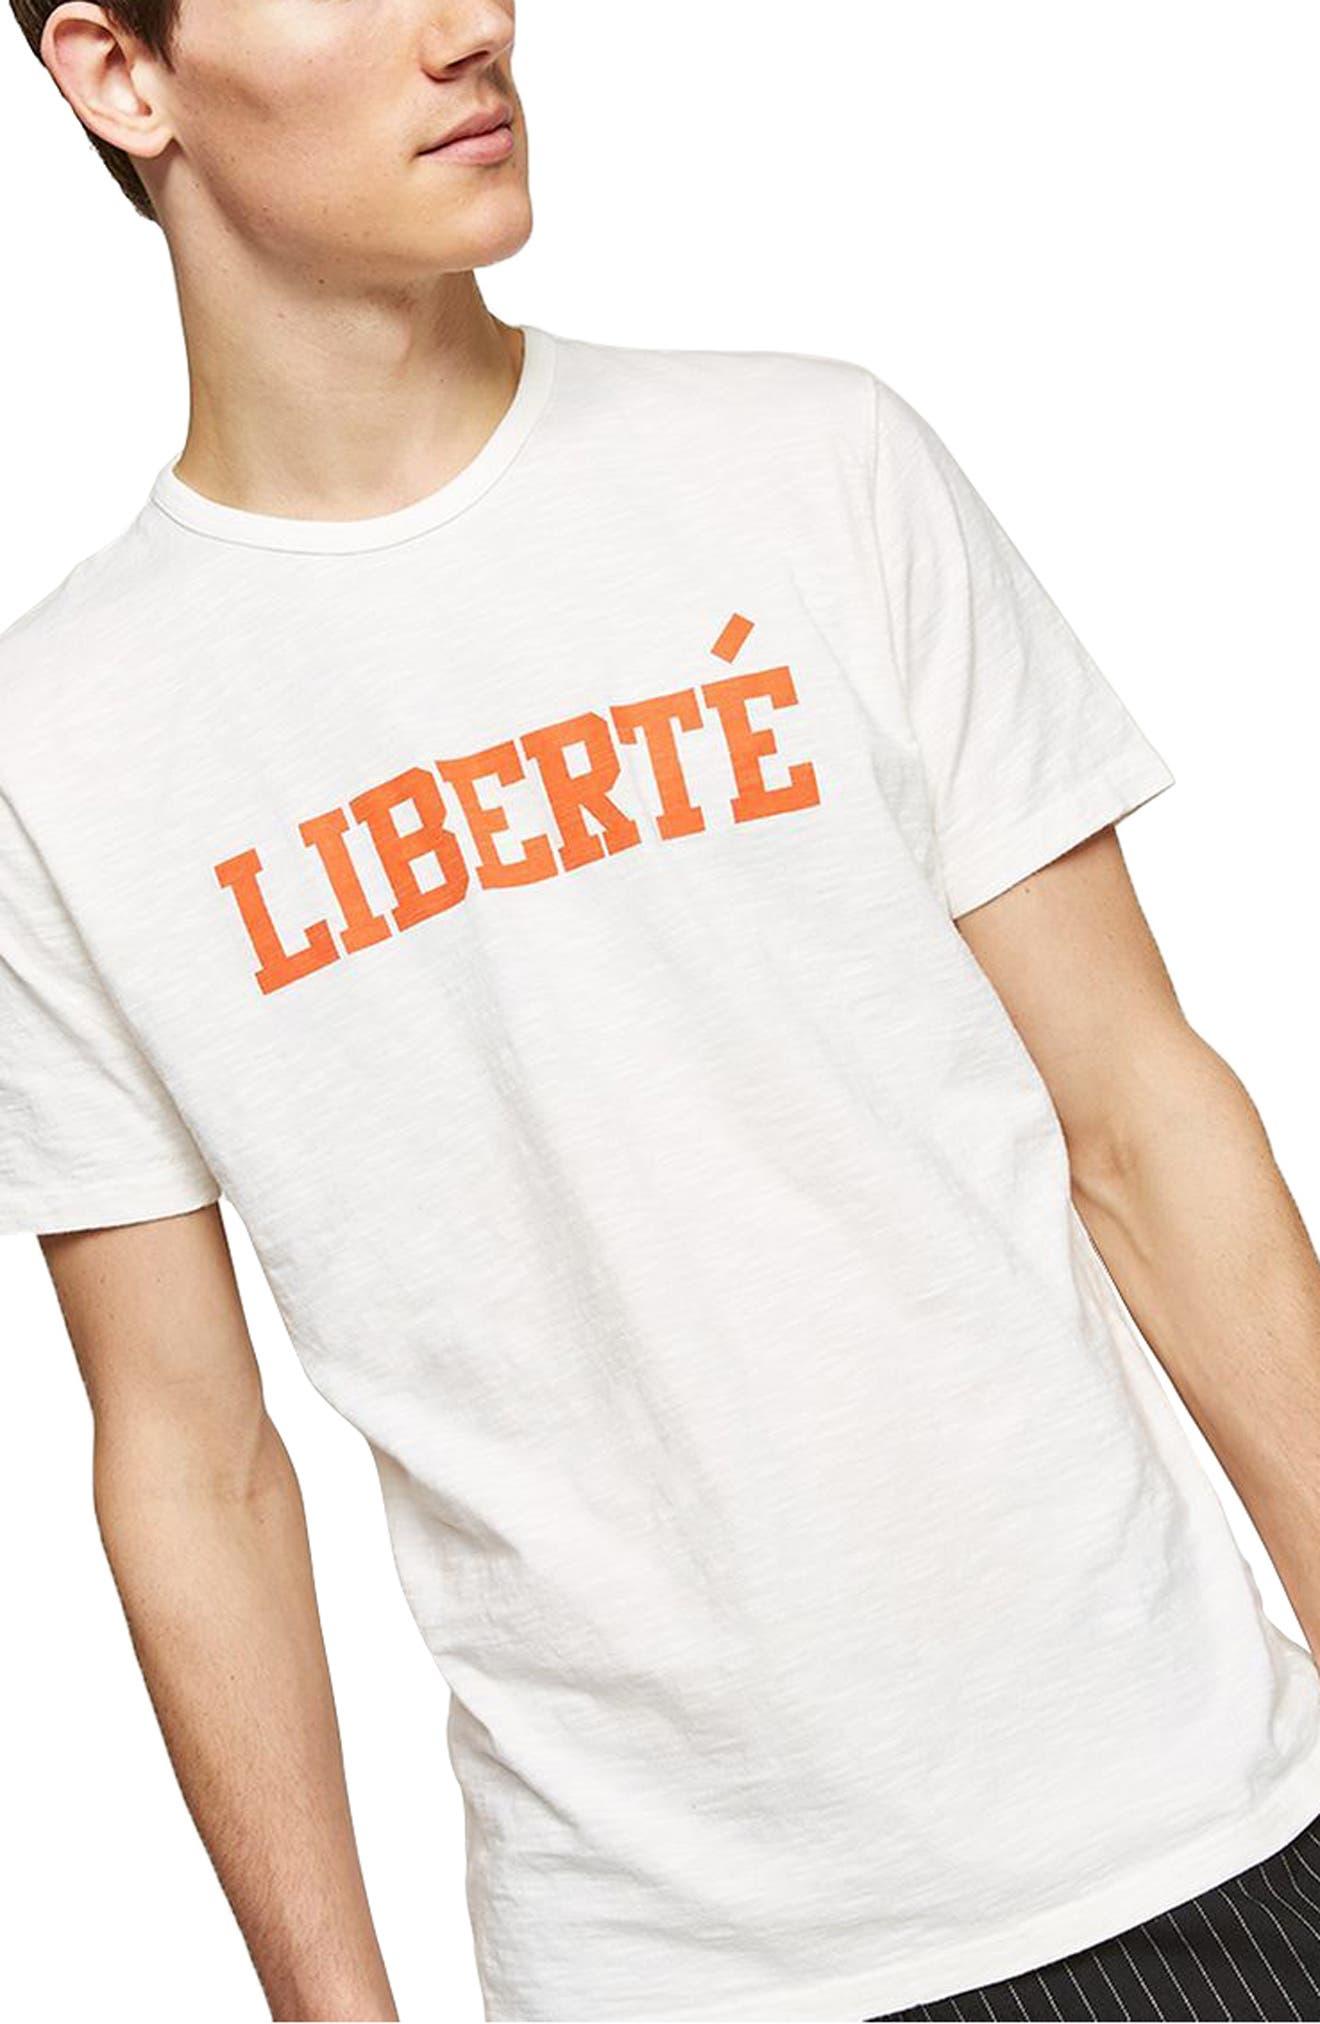 Liberté Graphic T-Shirt,                         Main,                         color, 100